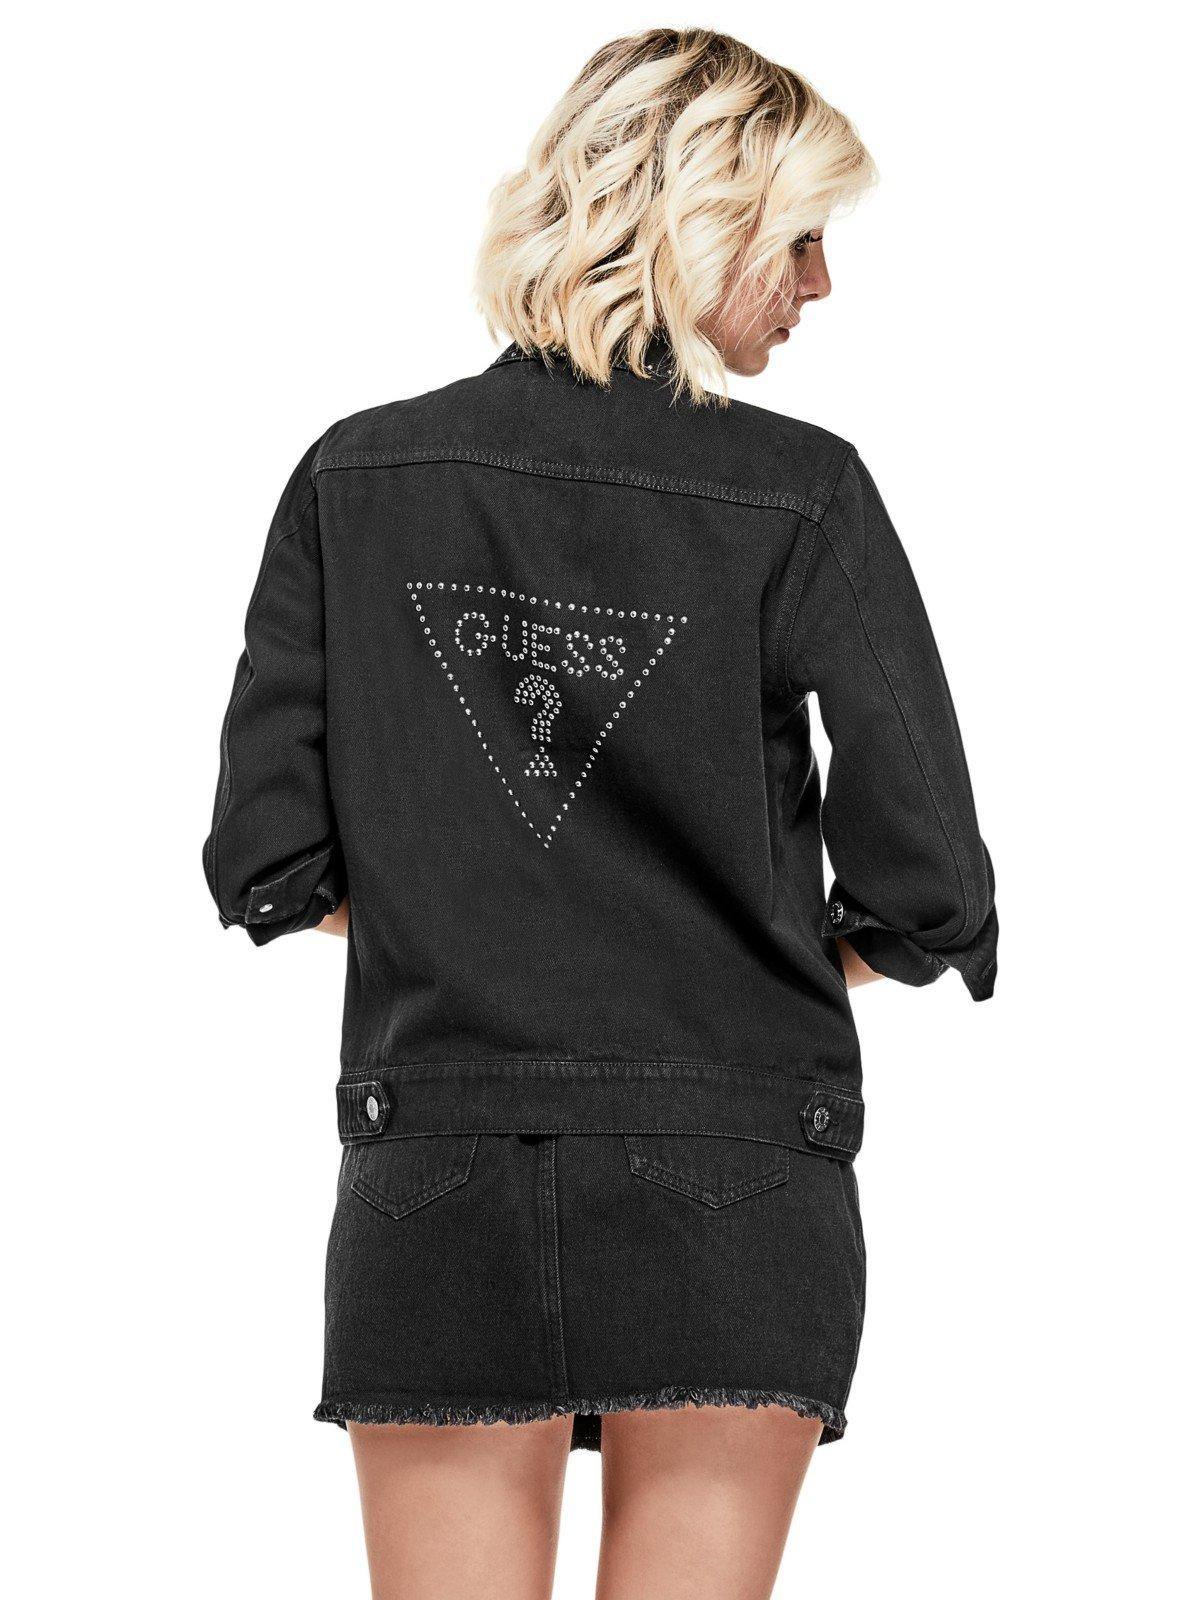 GUESS Factory Women's Nerissa Studded Denim Jacket